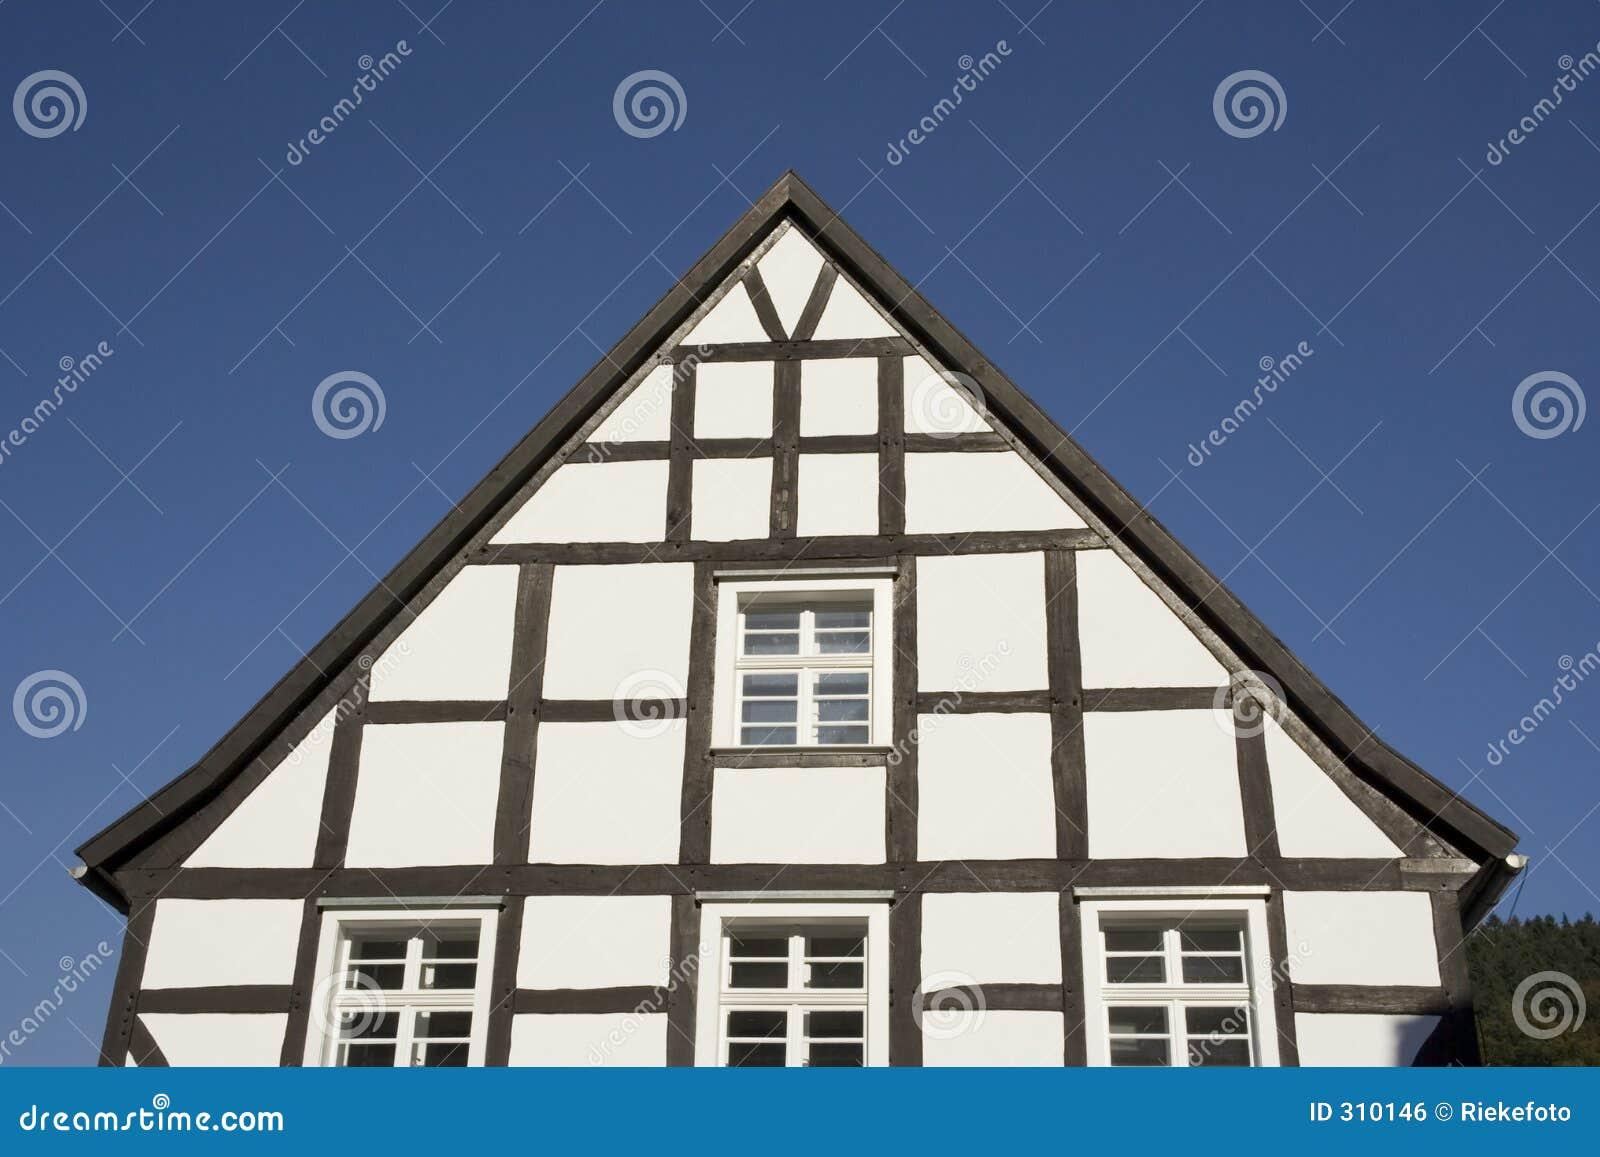 黑色山墙半房子用了木材建造白色